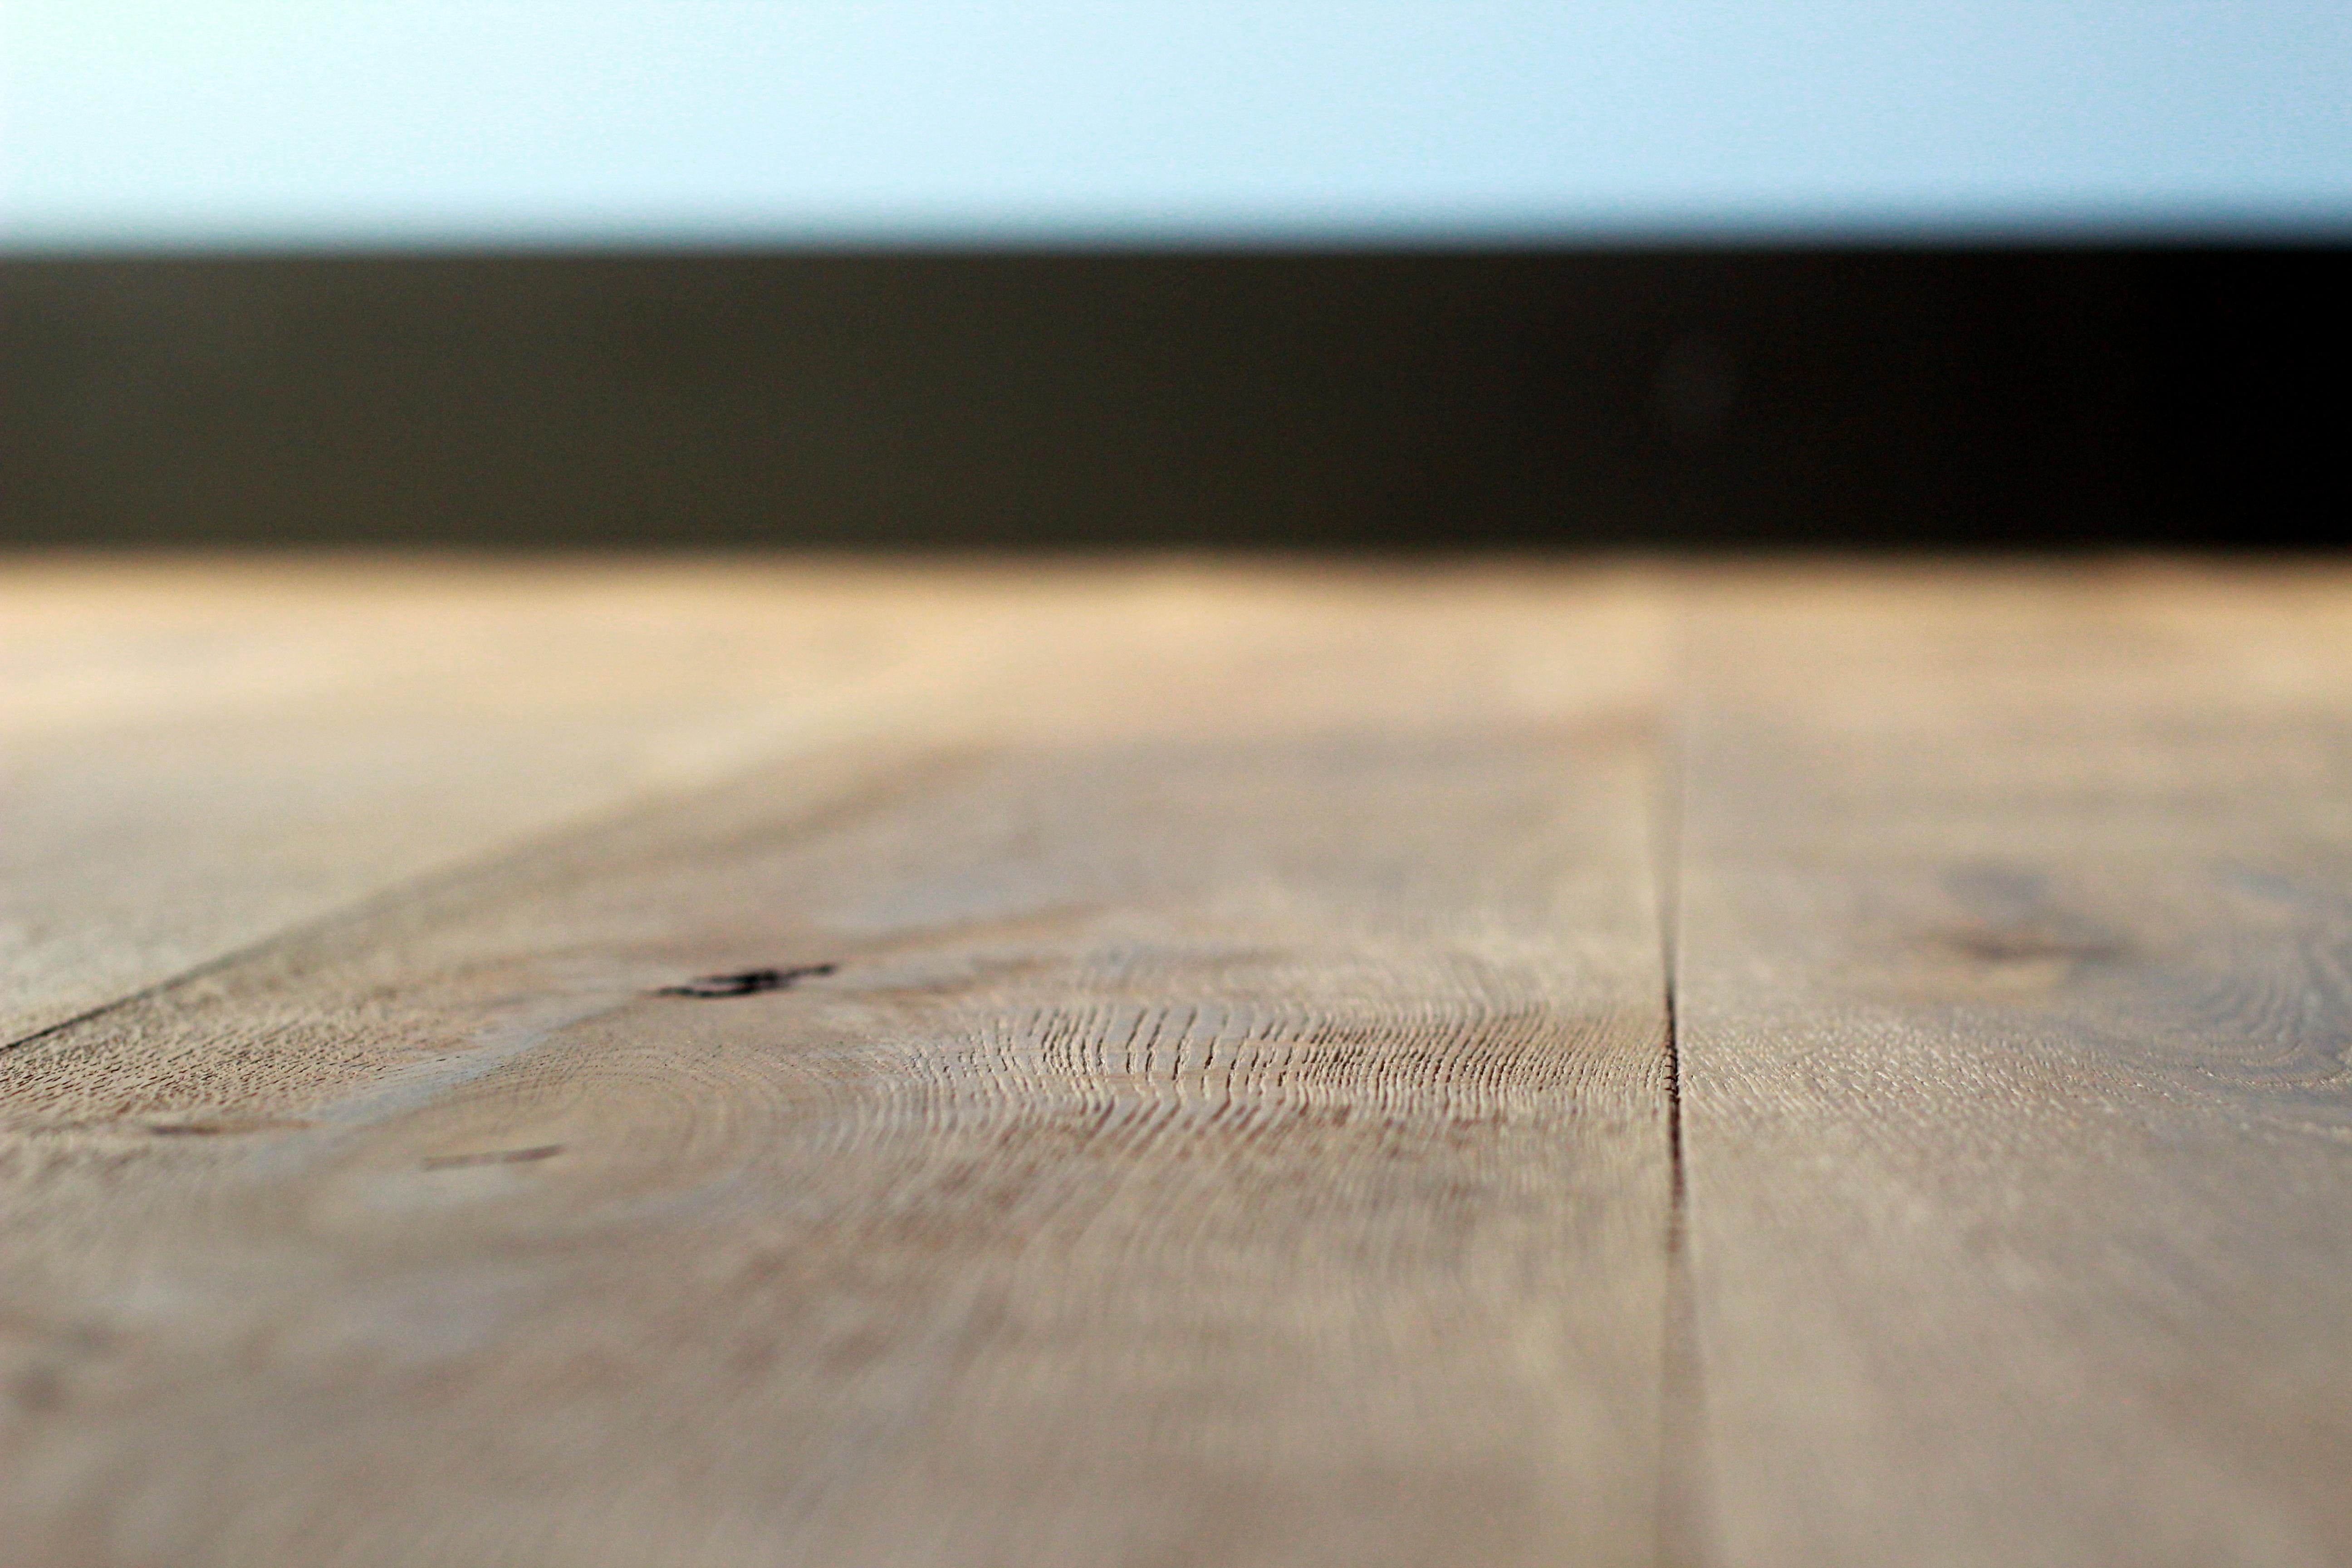 Wire Brushed Wood Floors Woodflooringtrends